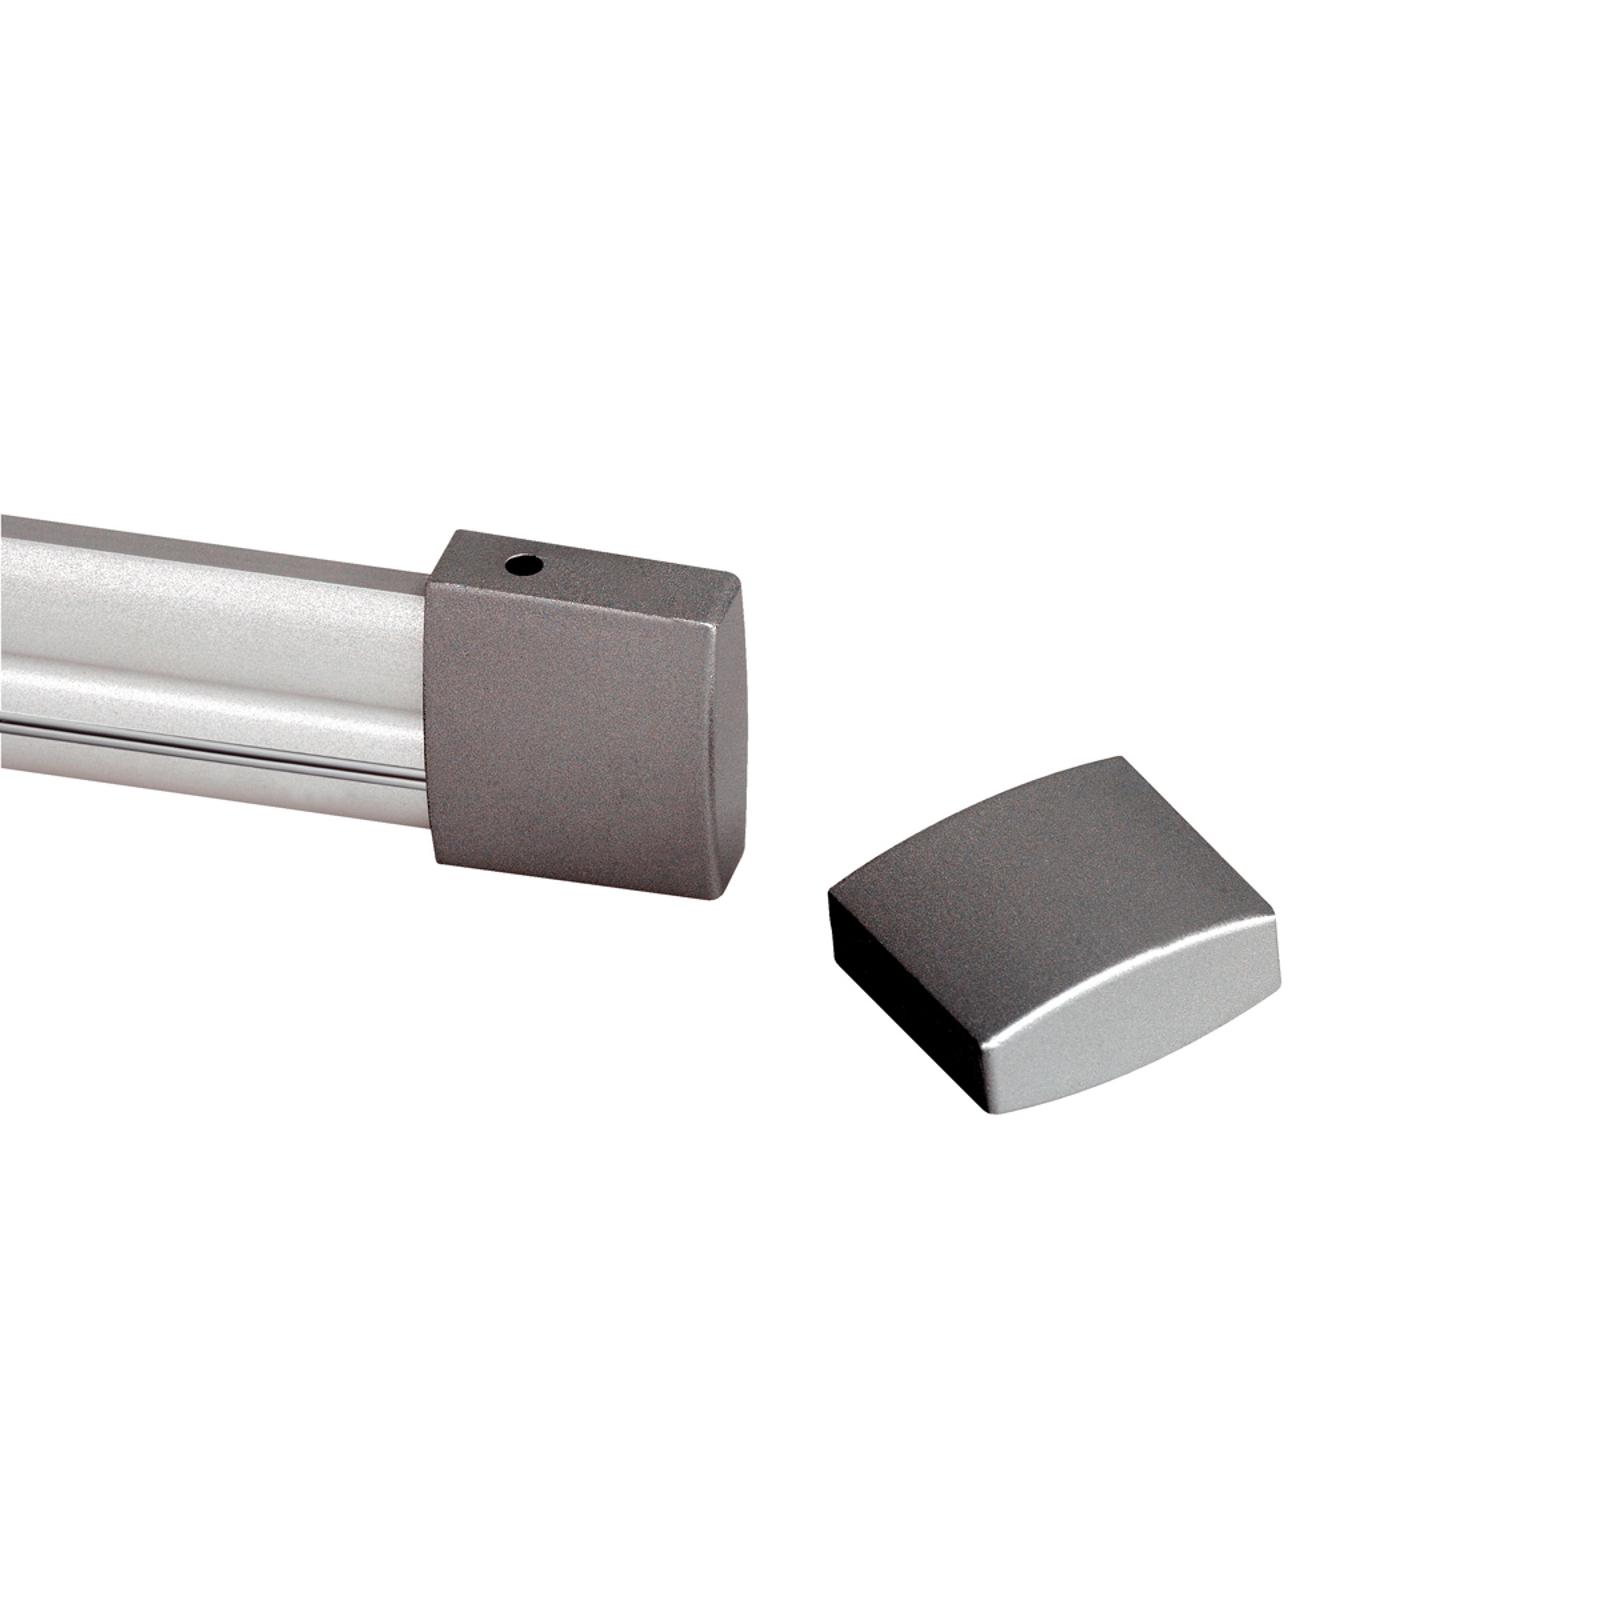 Sølvgrå EASYTEC II skinne